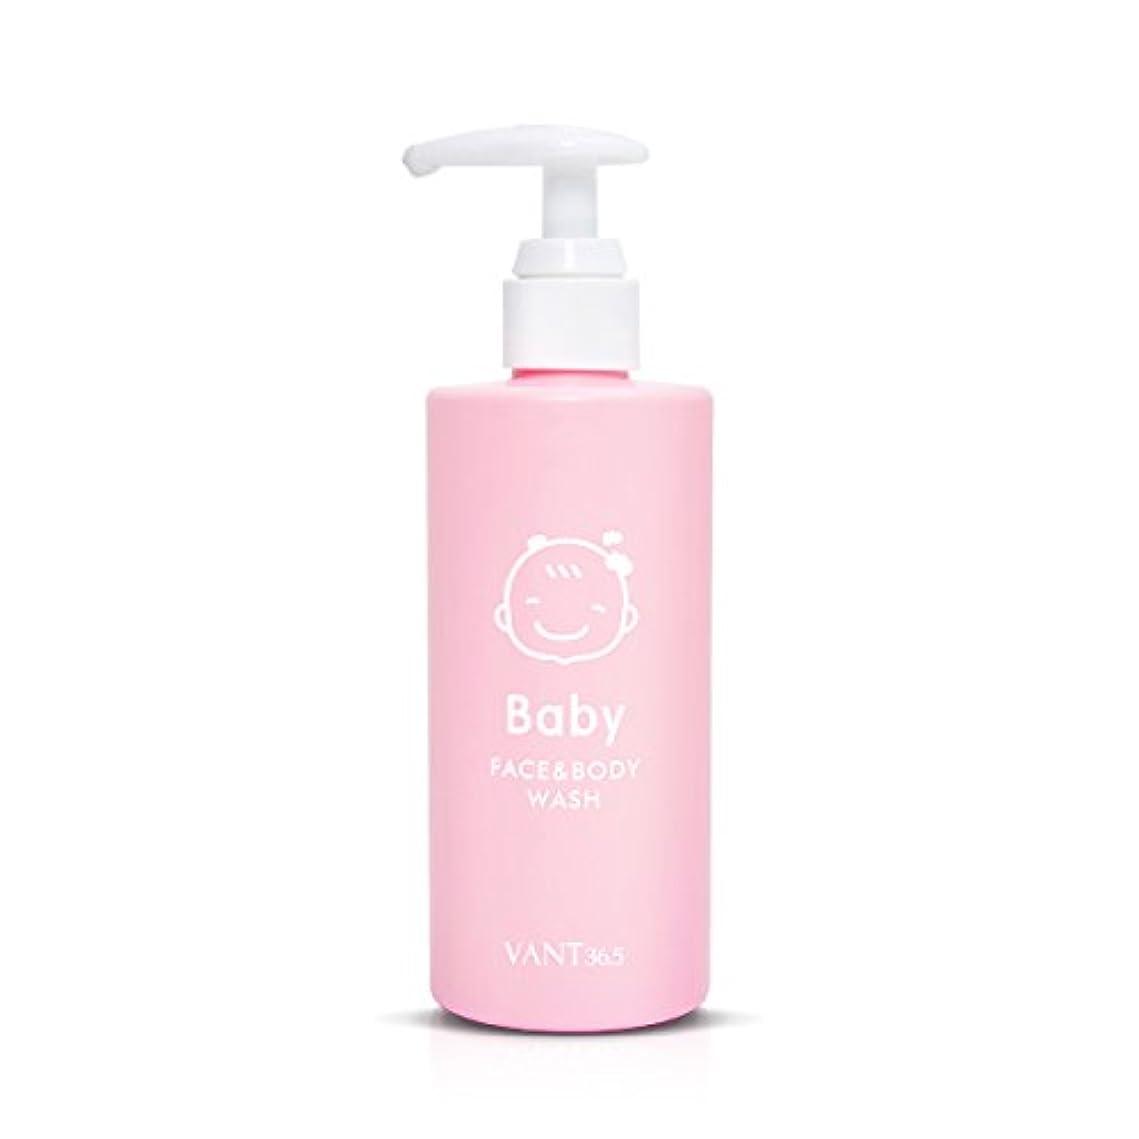 必要ないハグバンジョーVANT36.5 Baby Face & Body Wash 300ml/バント36.5 ベビー フェイス&ボディ ウォッシュ 300ml [並行輸入品]